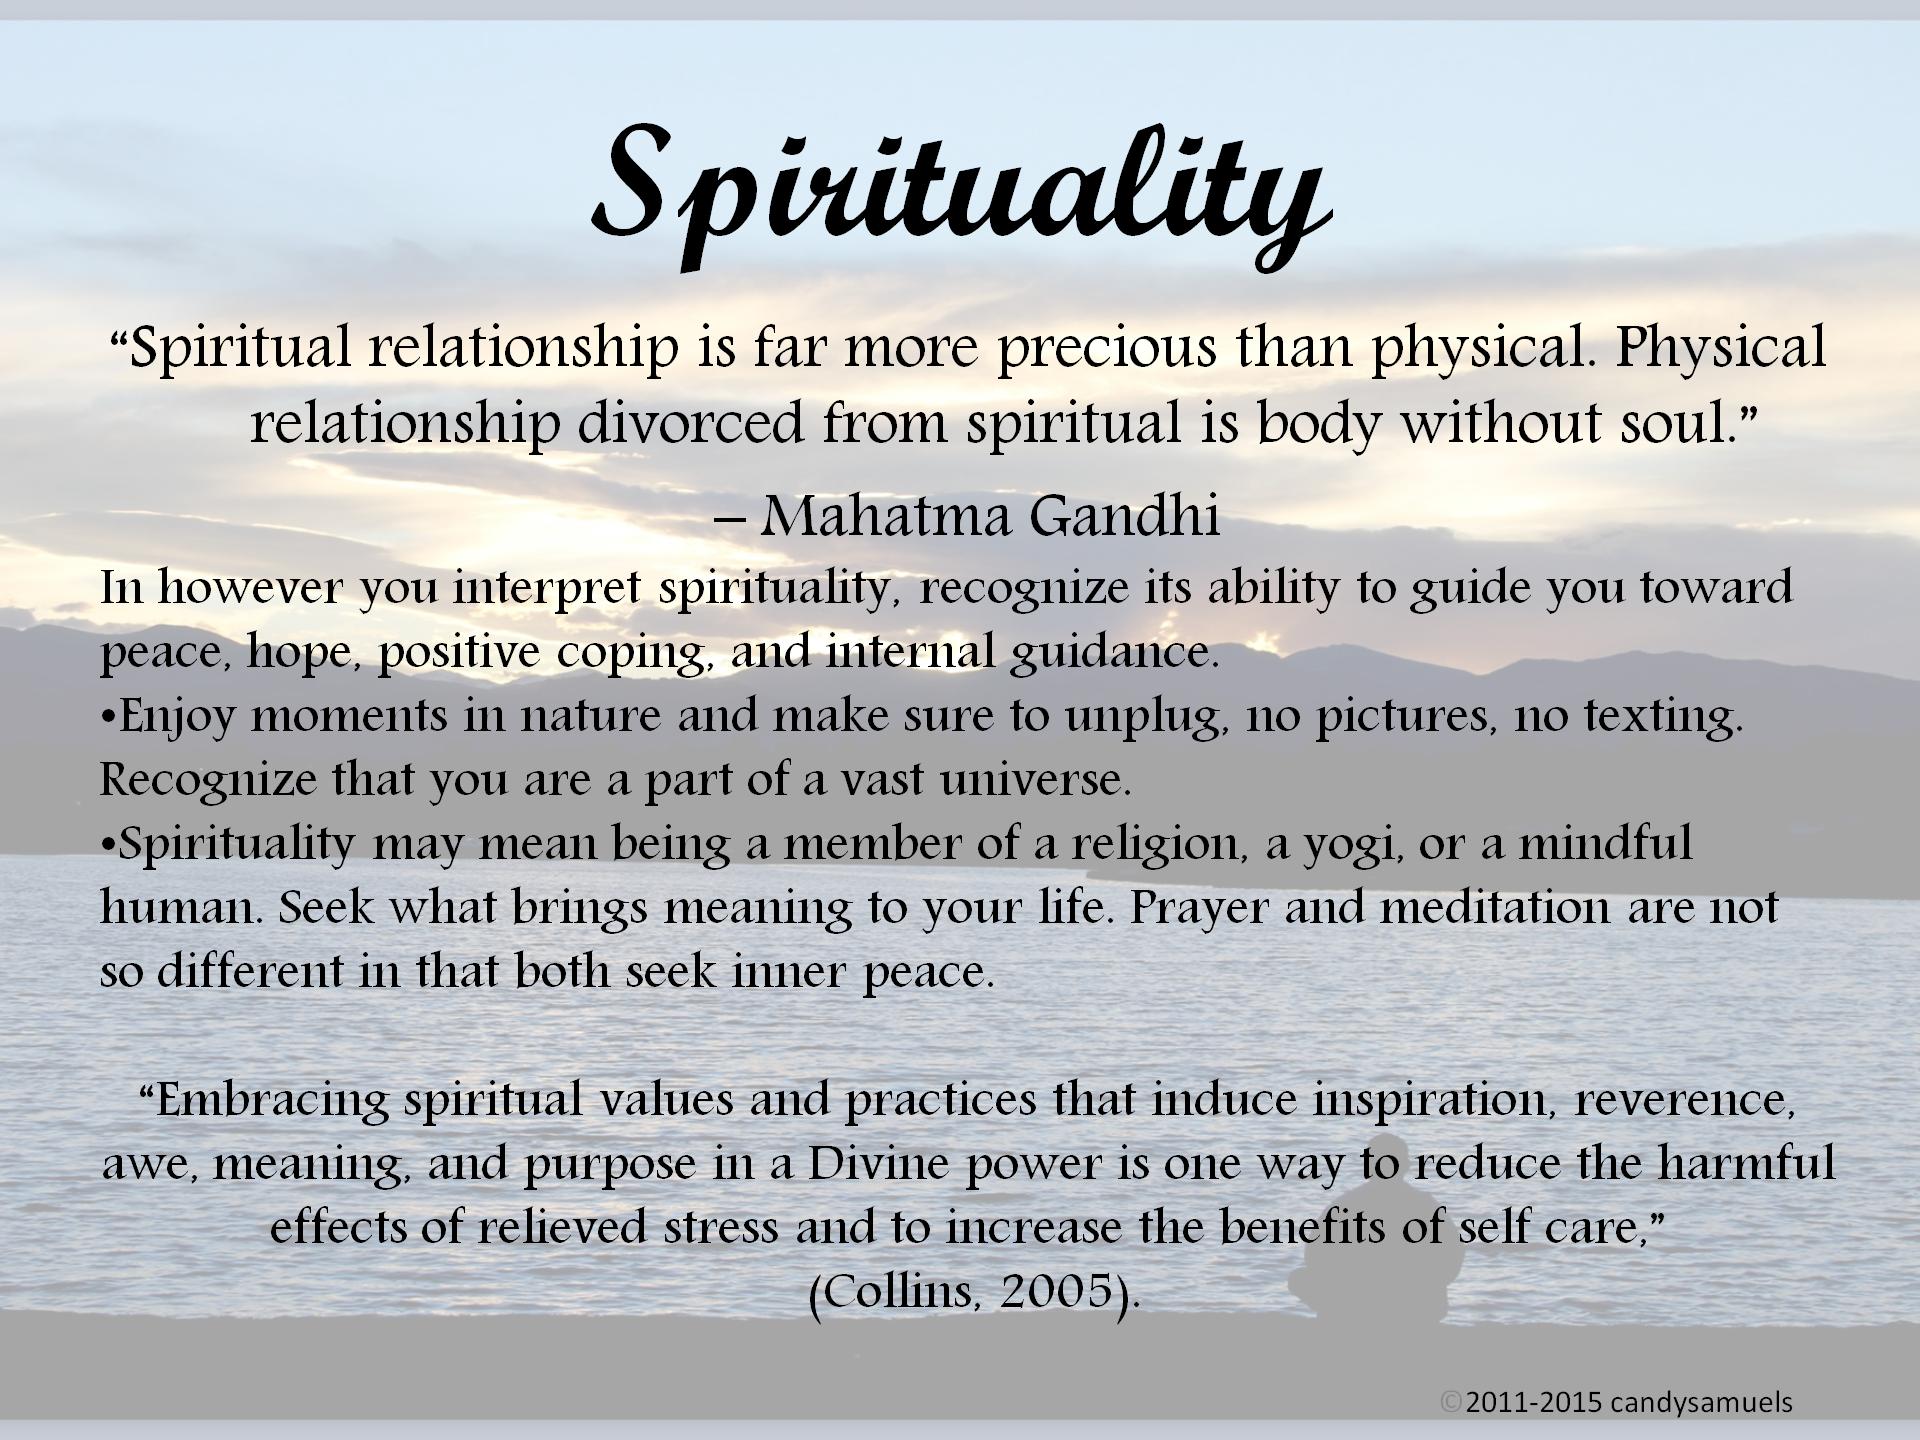 Spirituality.png